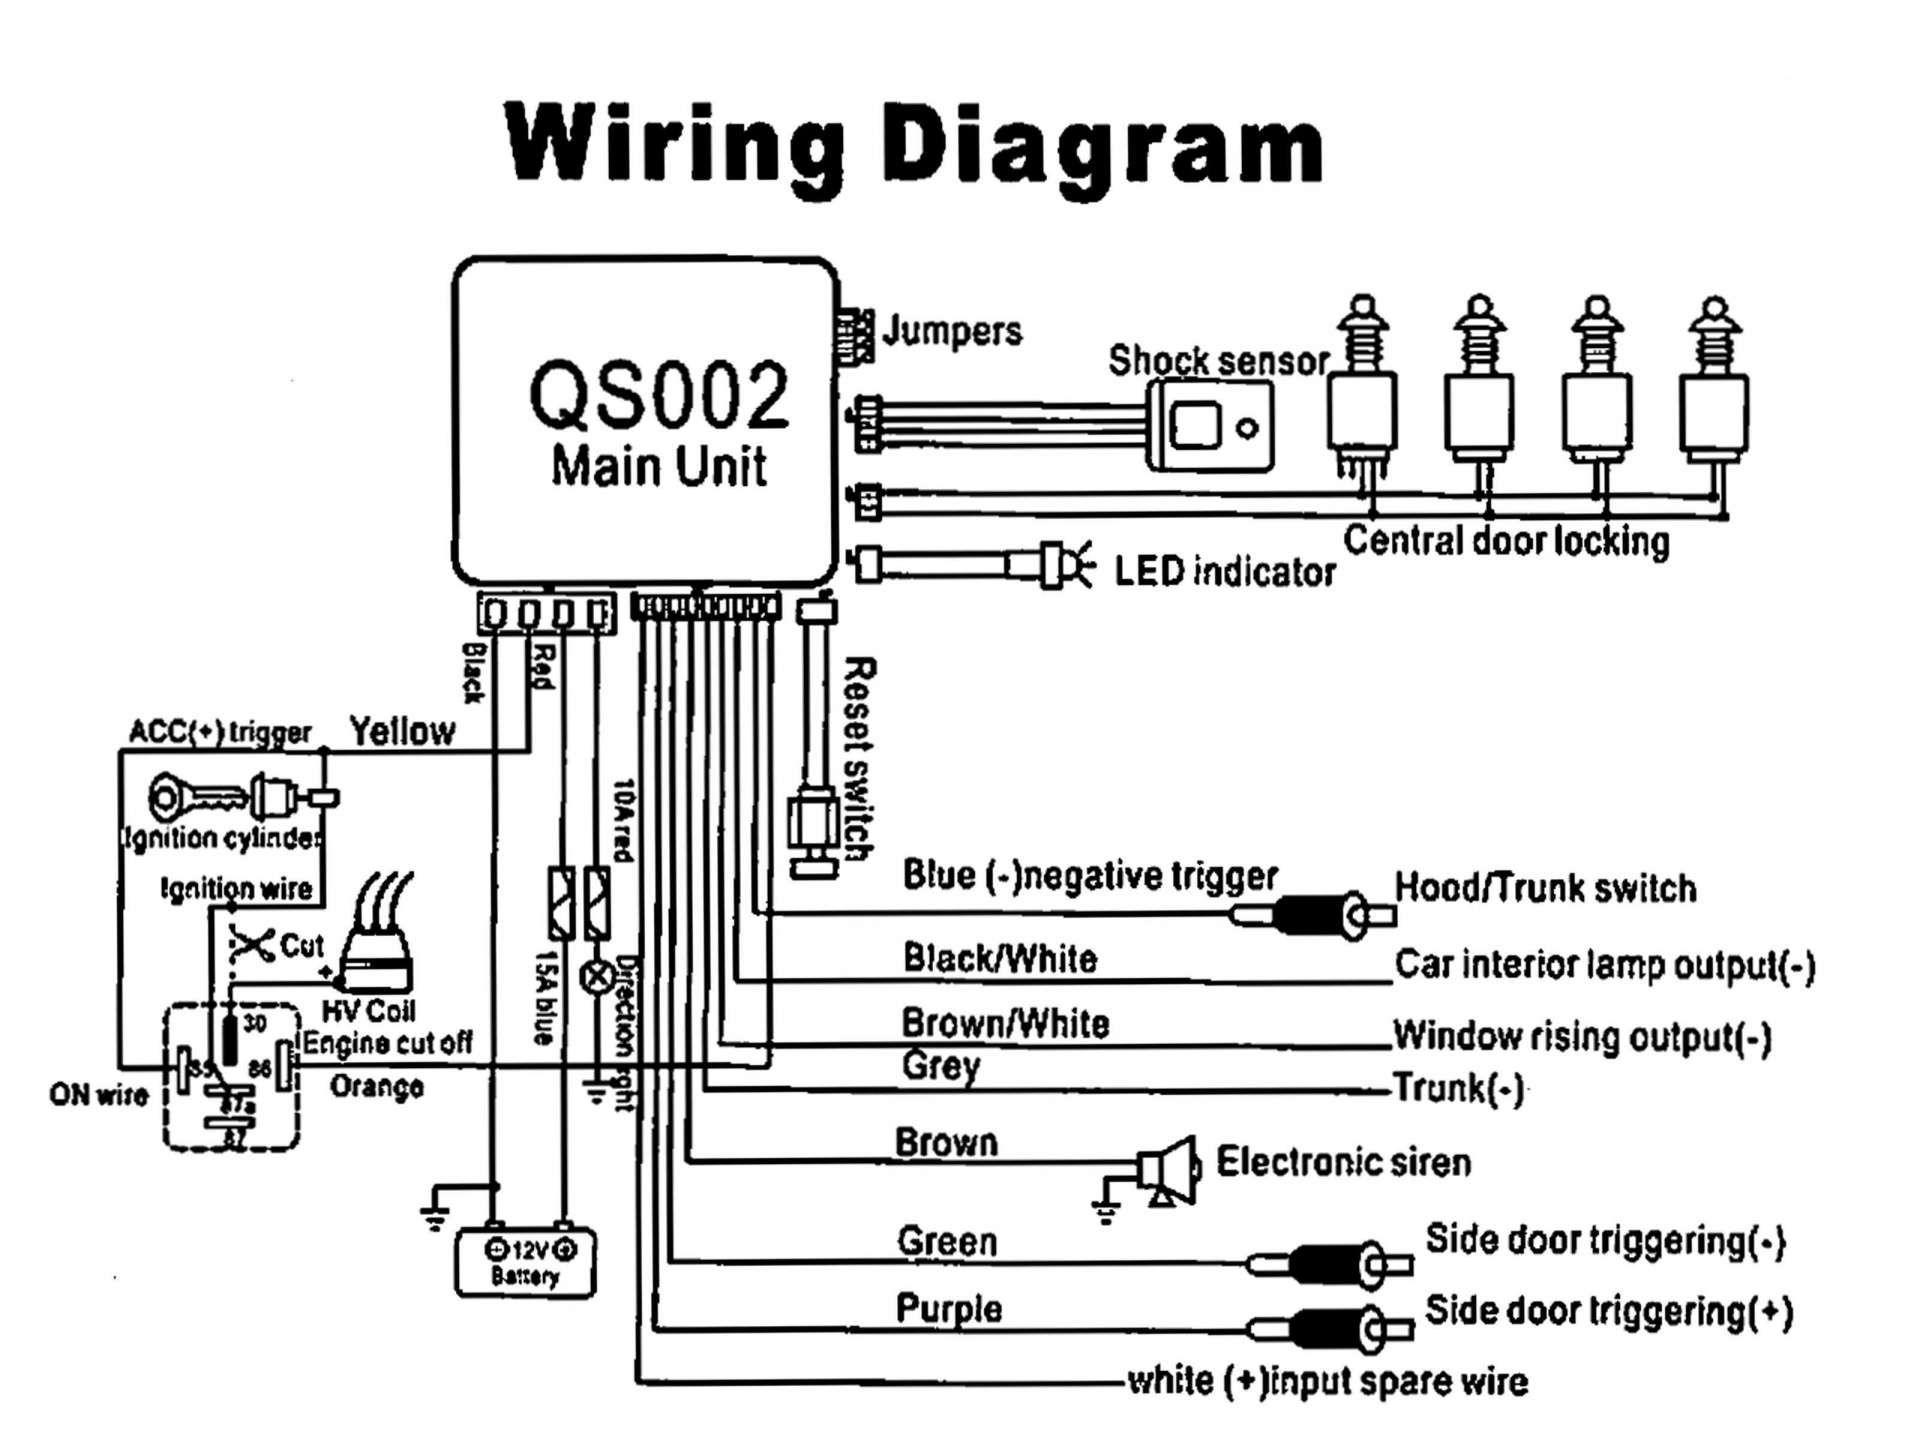 Wiring Diagram For Prestige Alarm